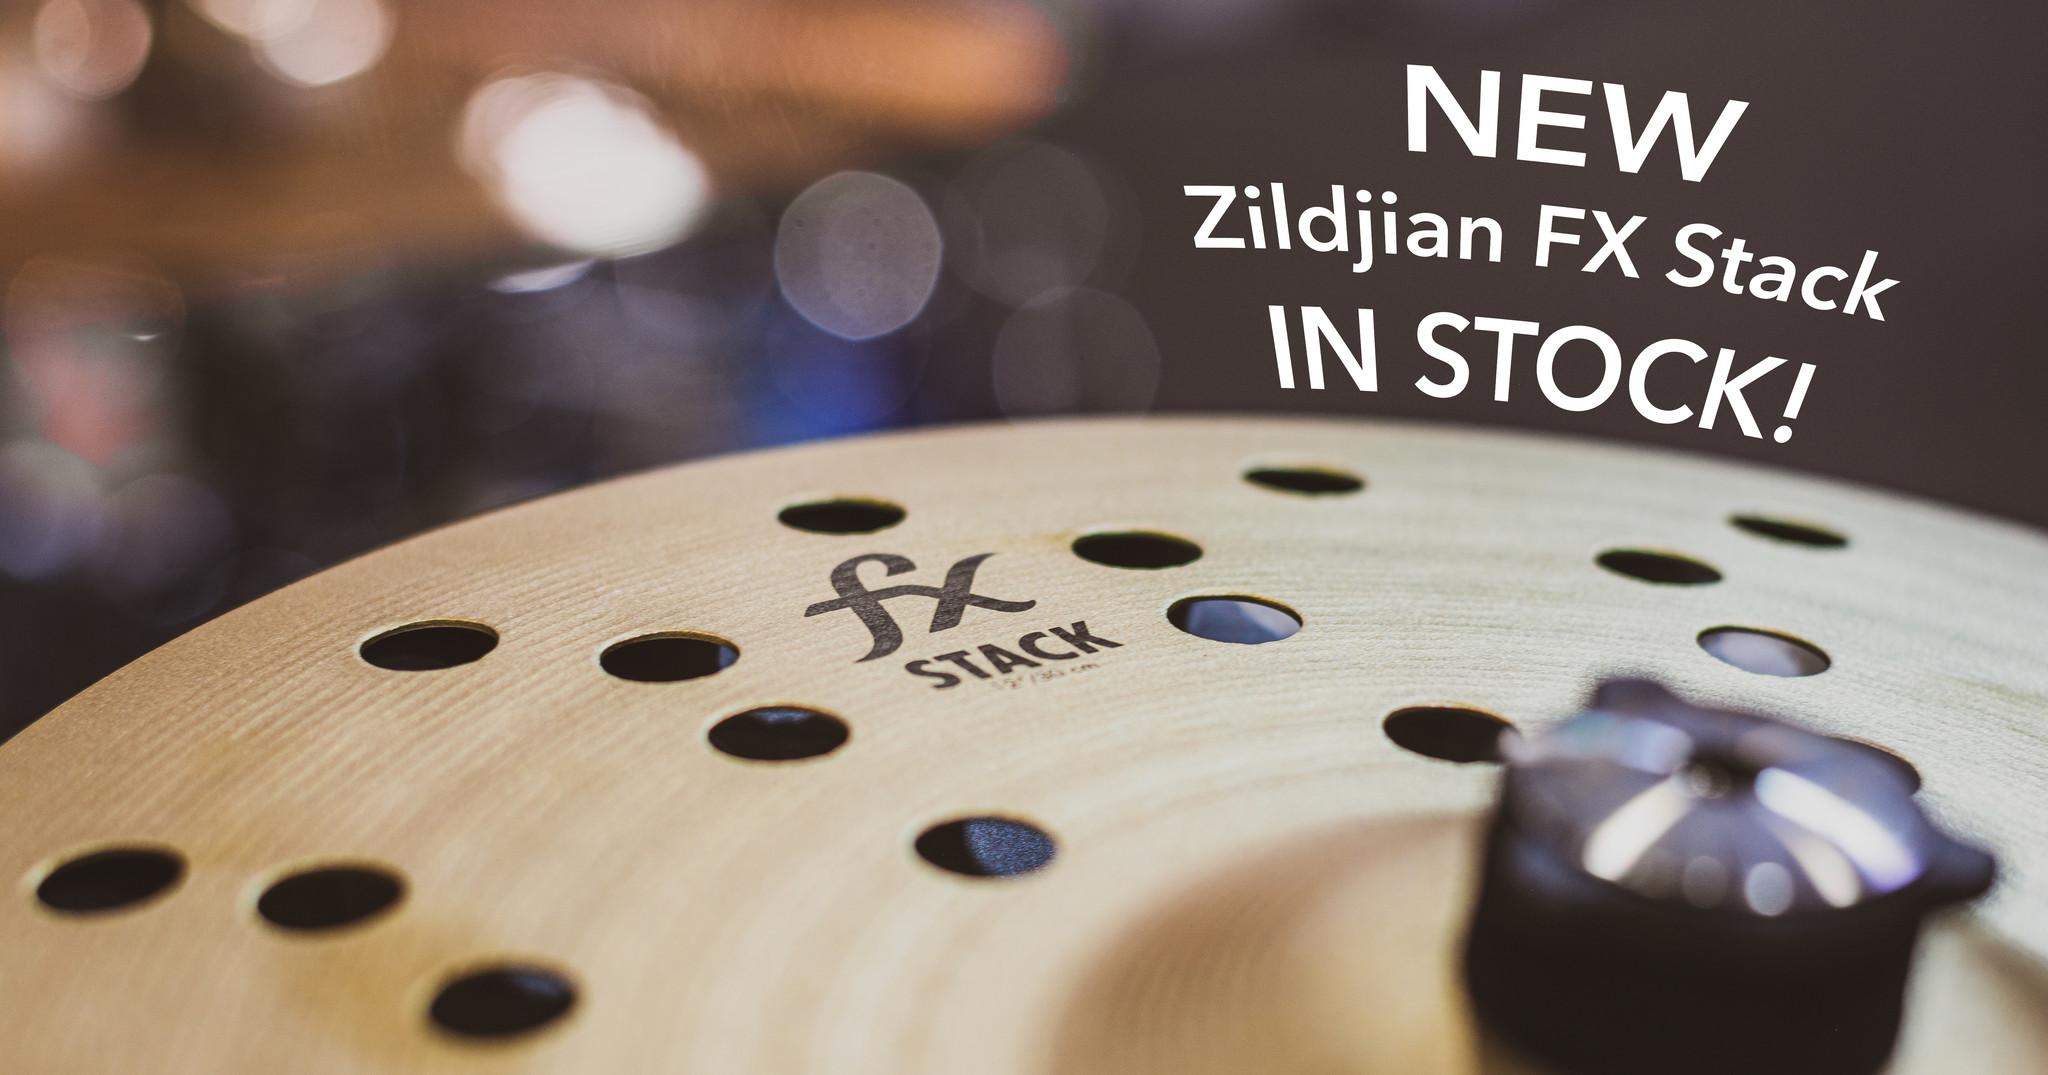 New Zildjian FX Stack